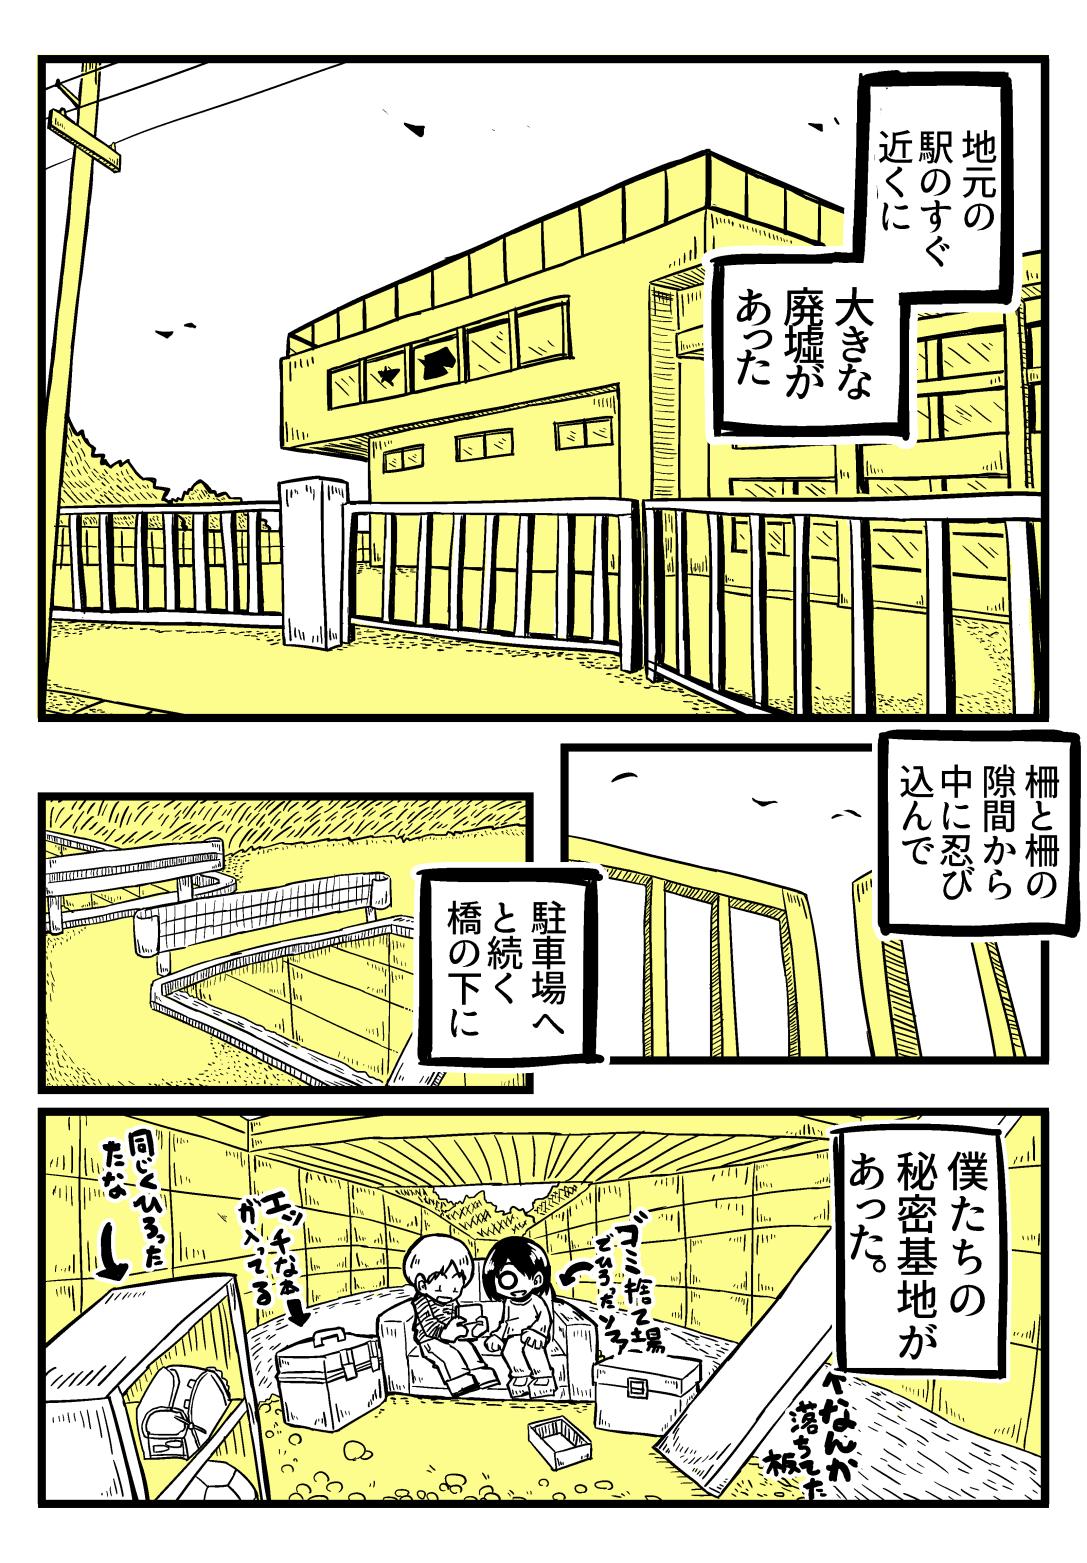 日記251note